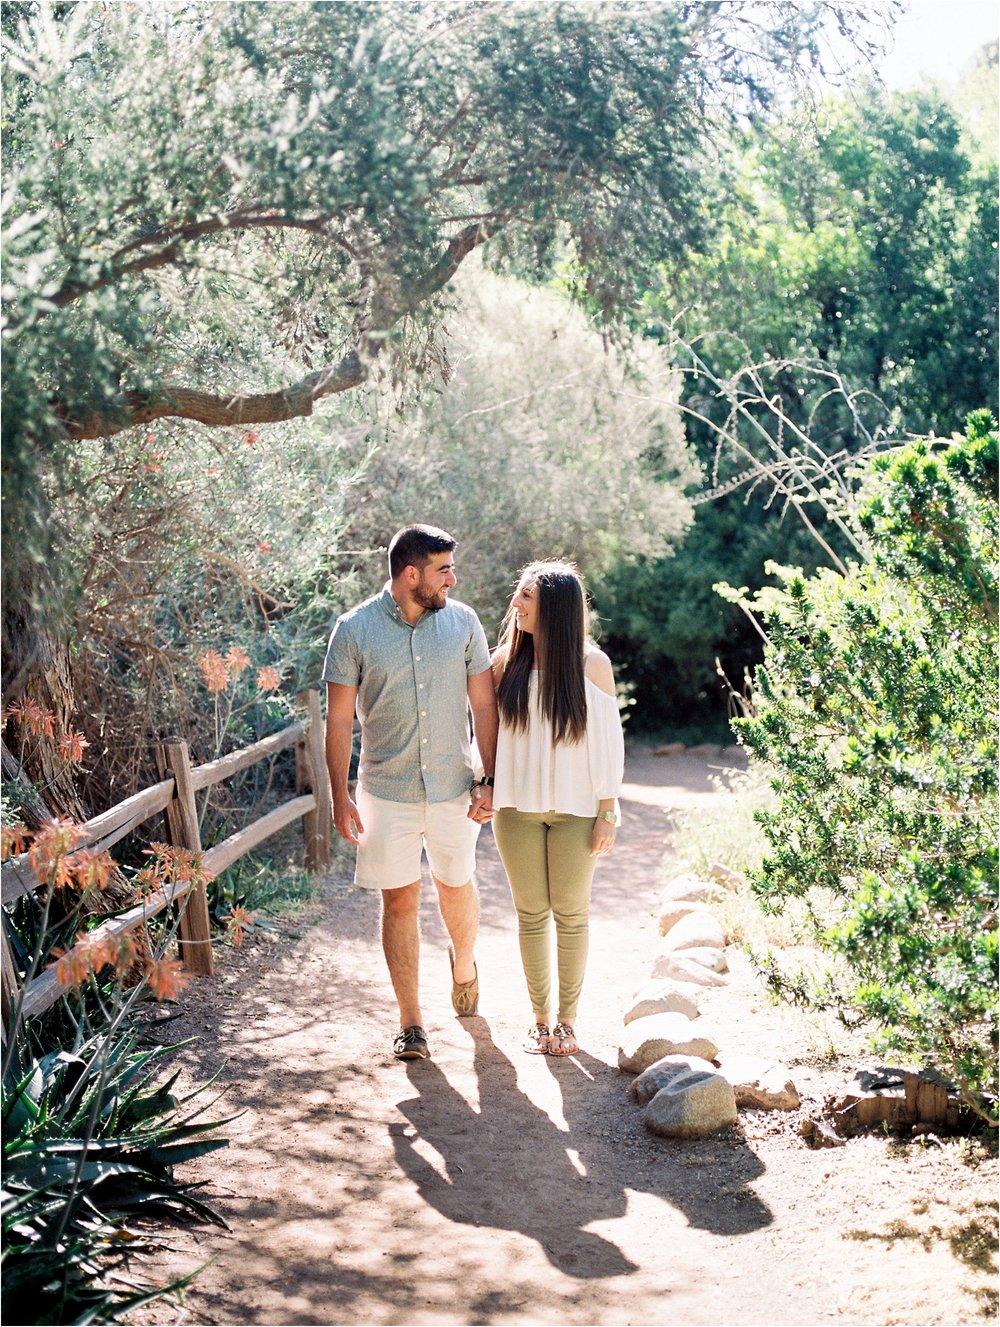 Sarah Jane Photography Film Hybrid Scottsdale Phoenix Arizona Destination Wedding Photographer Denise and Chase Engagement_0004.jpg